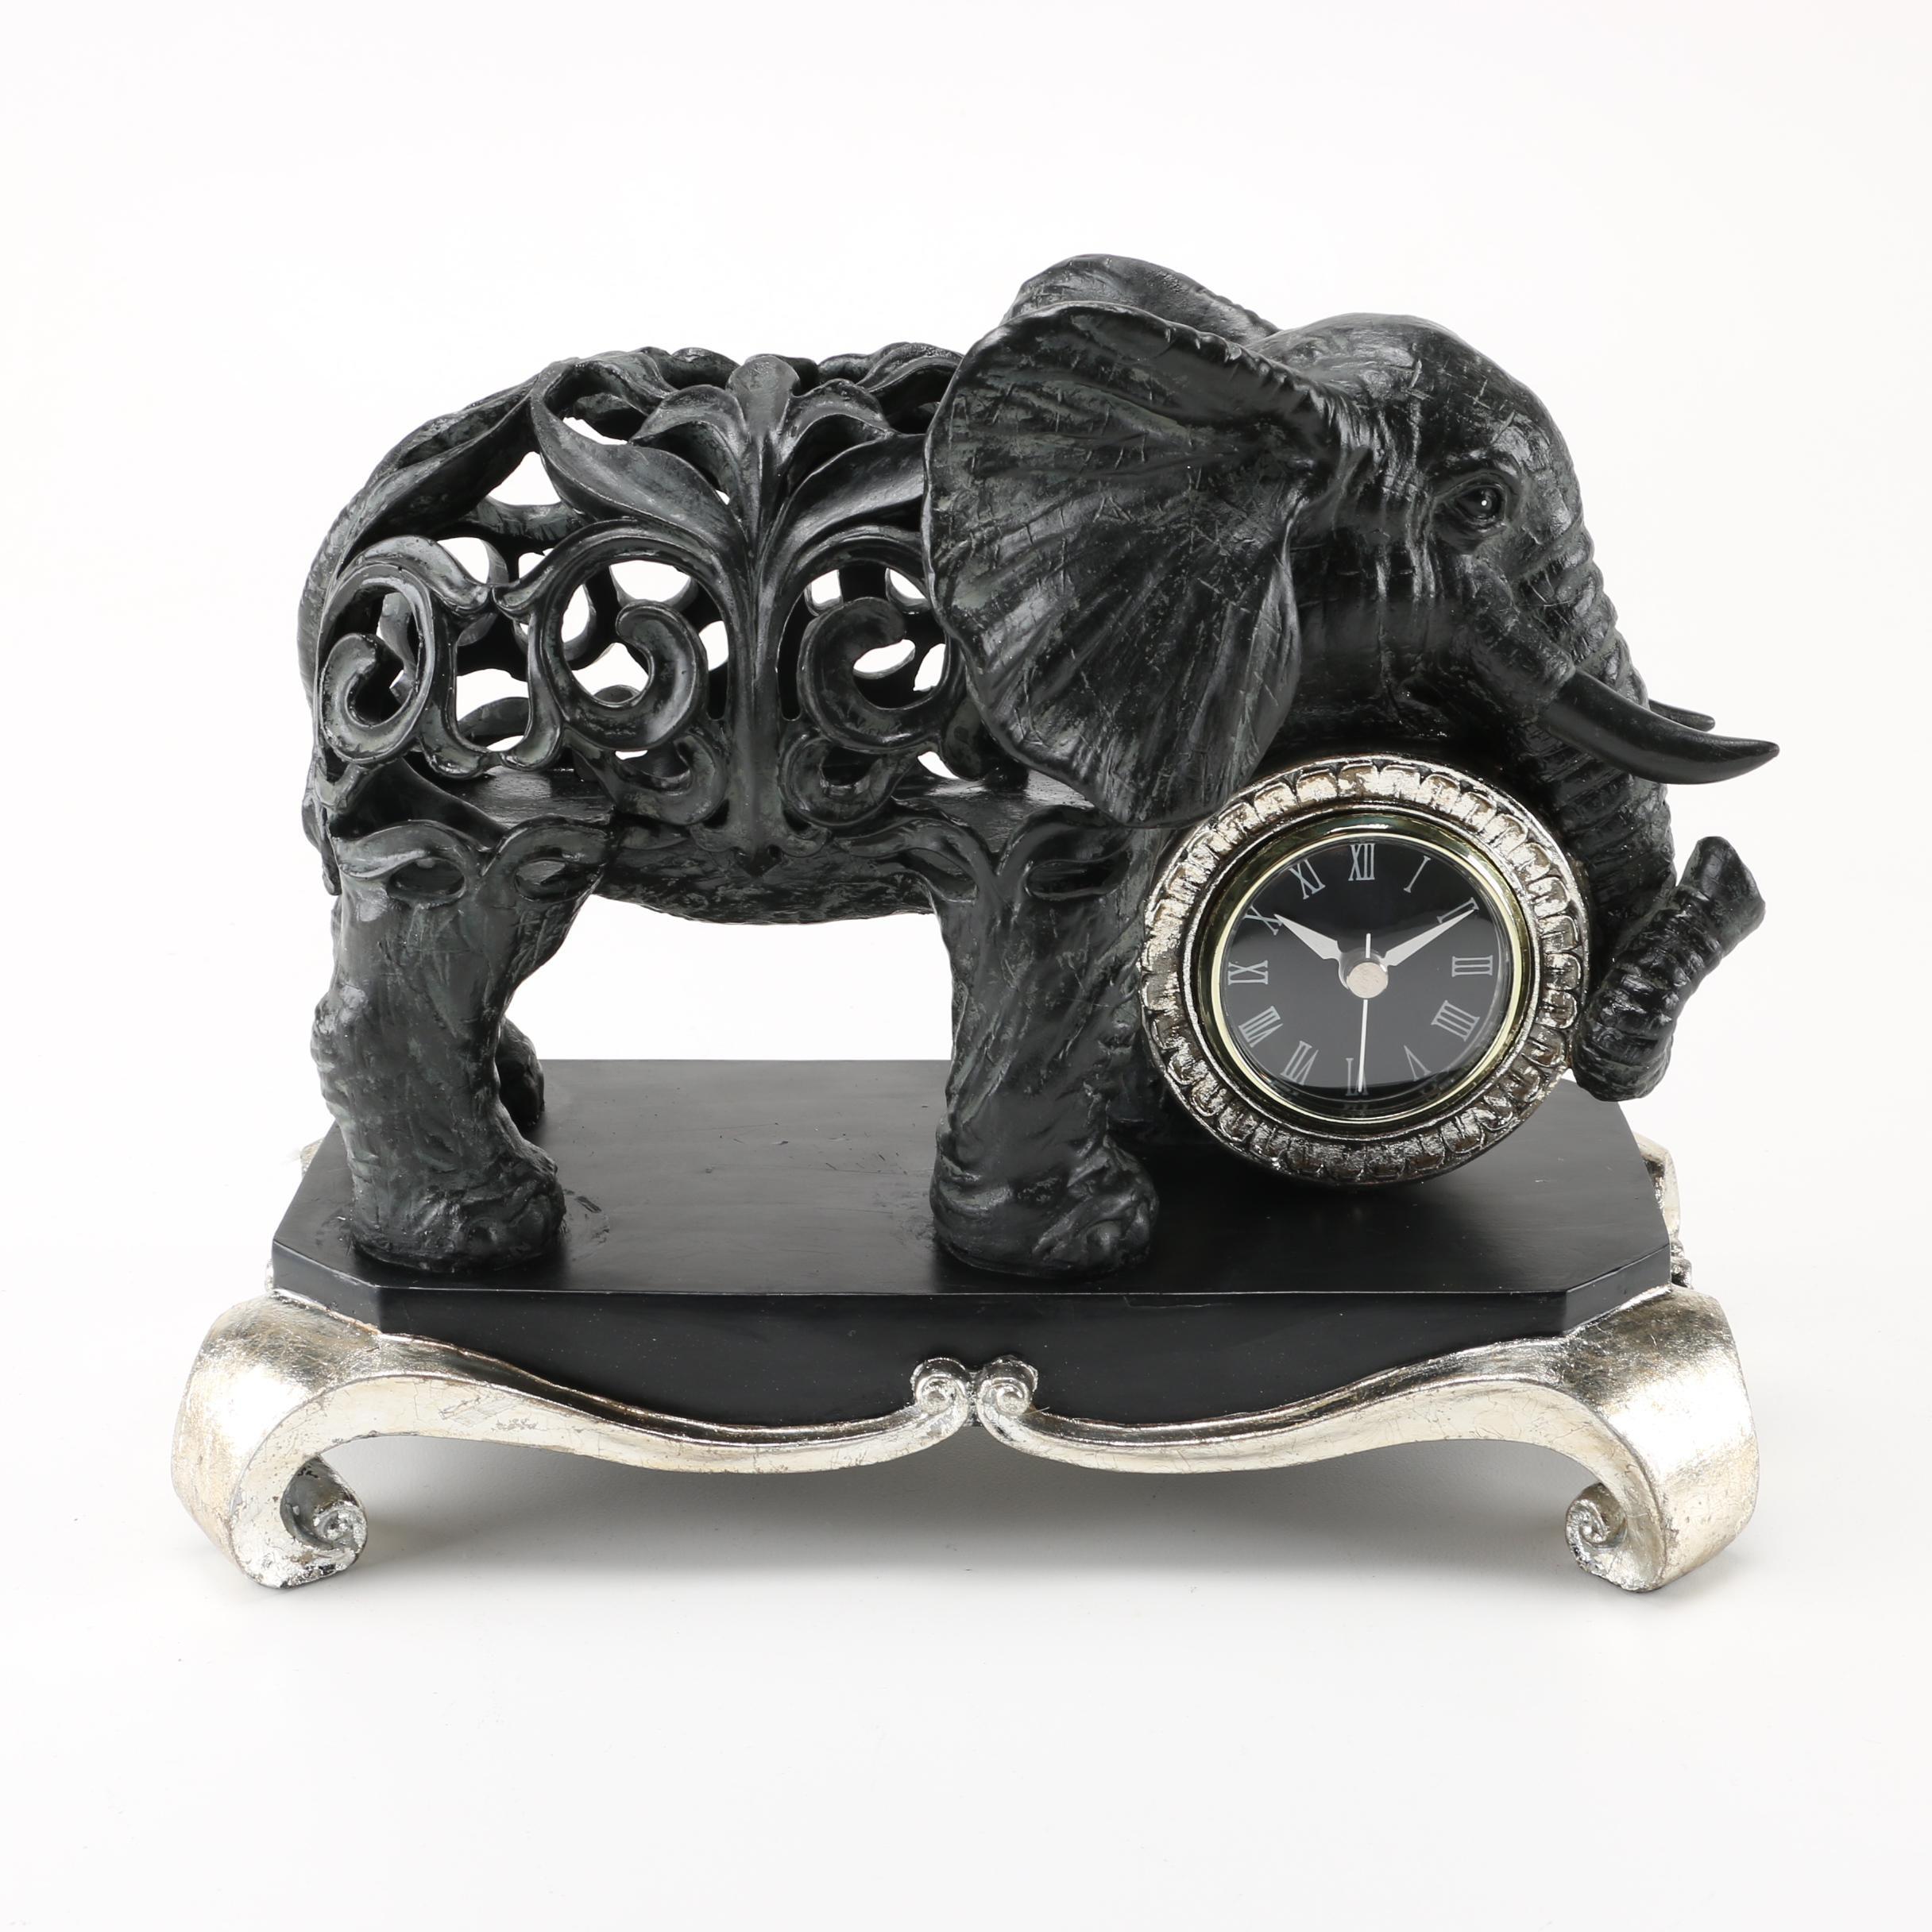 The Bombay Company Elephant Clock